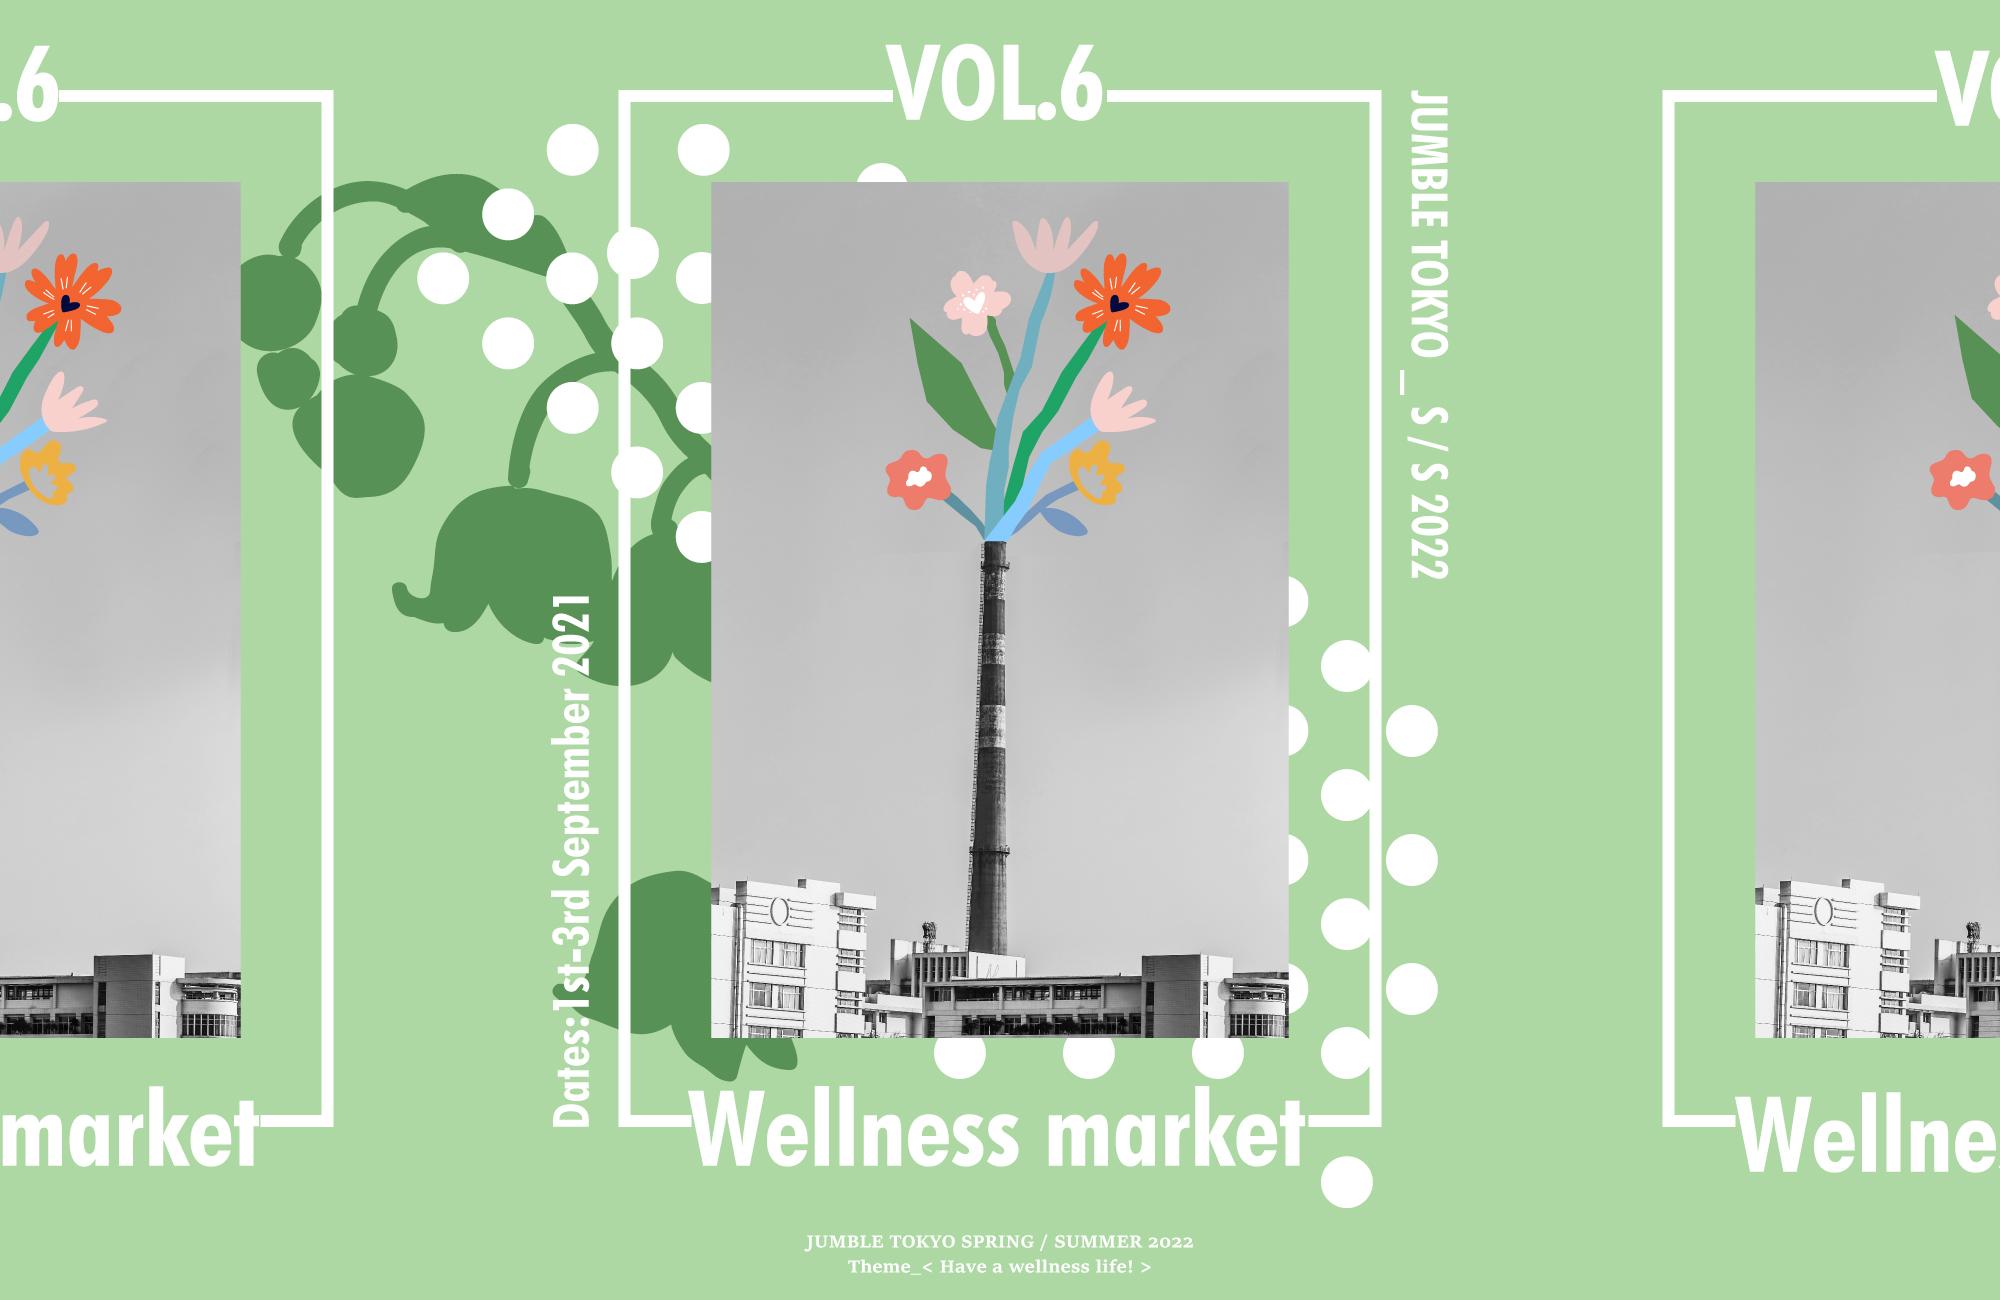 22SS_wellness-market_vol-6